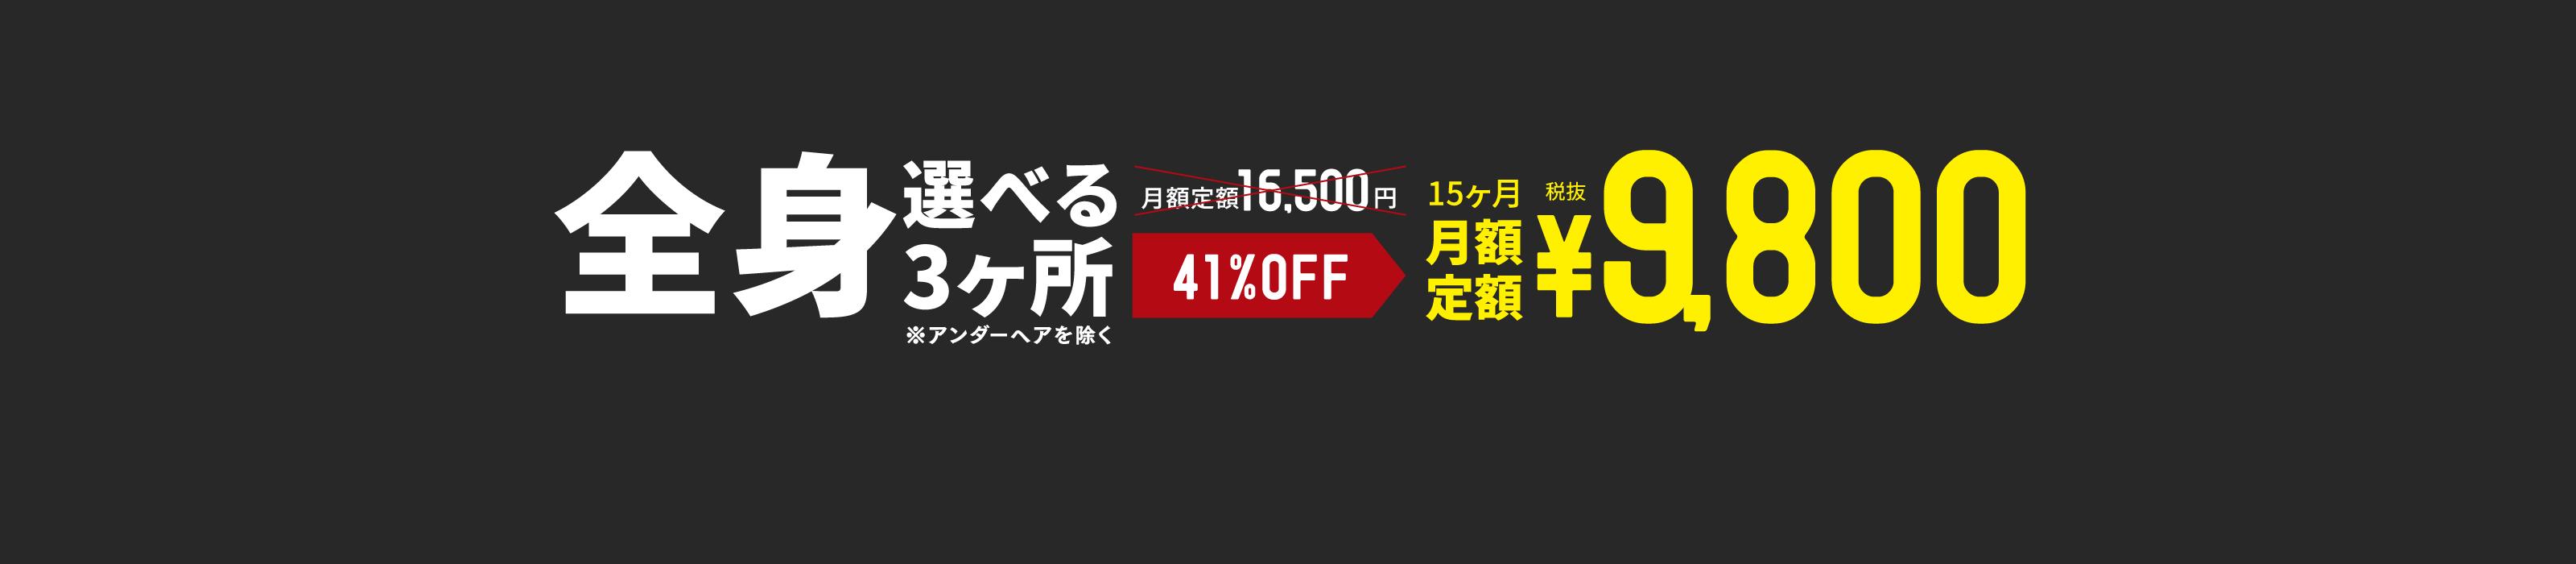 全身選べる3ヶ所 税抜き¥9,900